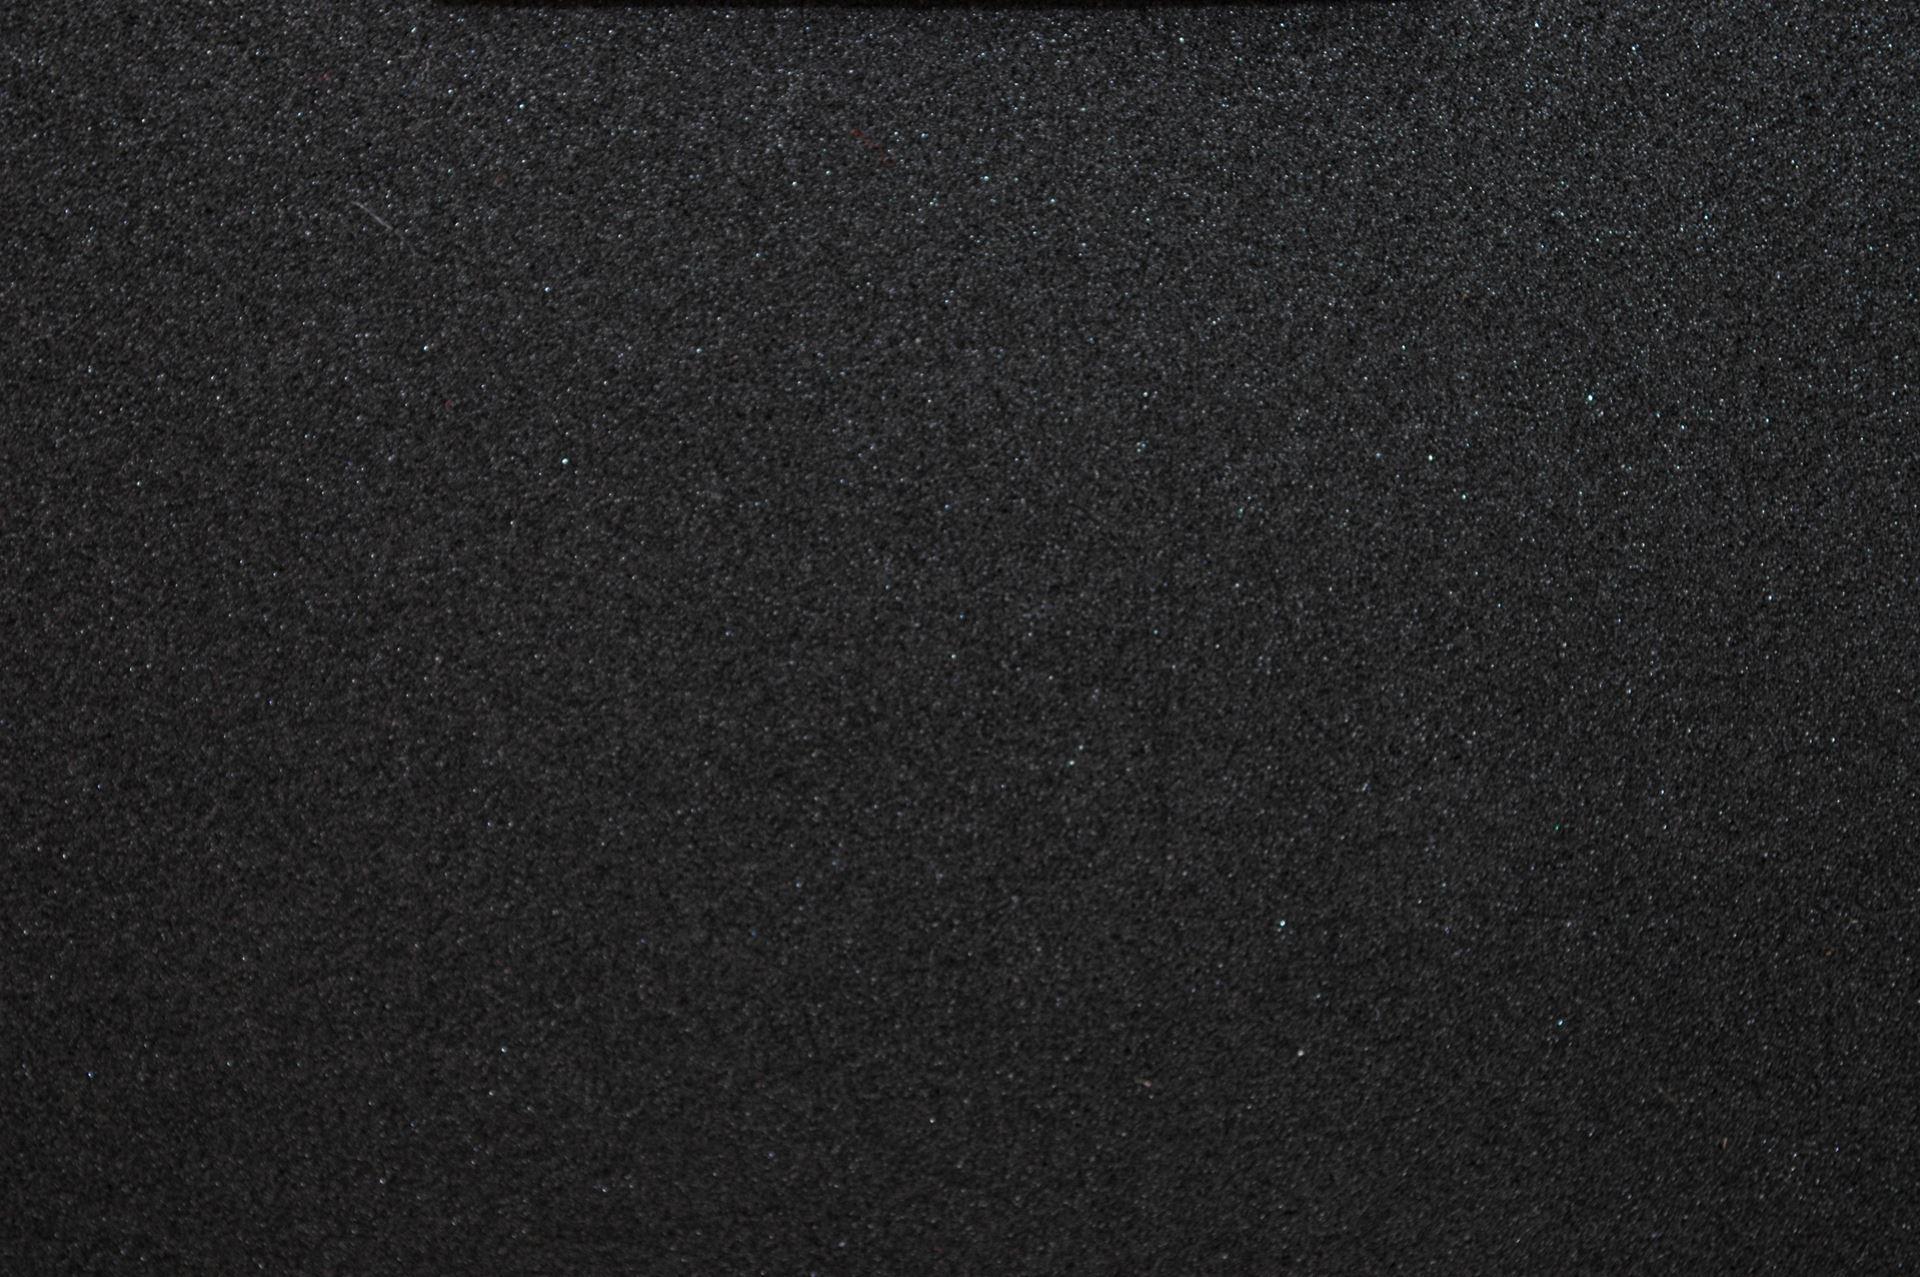 Datastitch Com 3d Puffy Foam Black